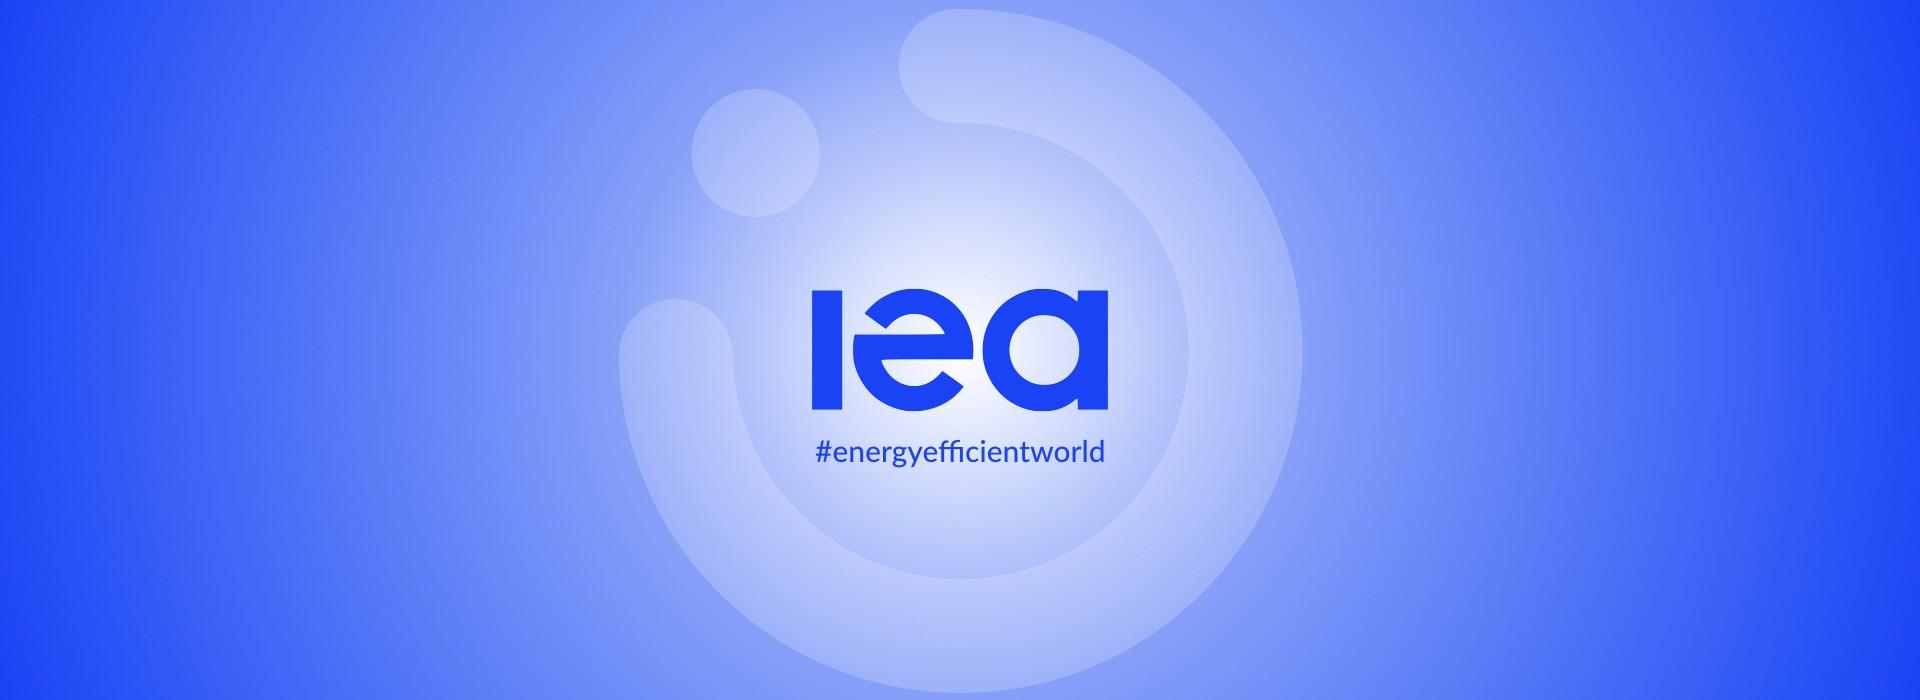 A new era of energy efficiency progress